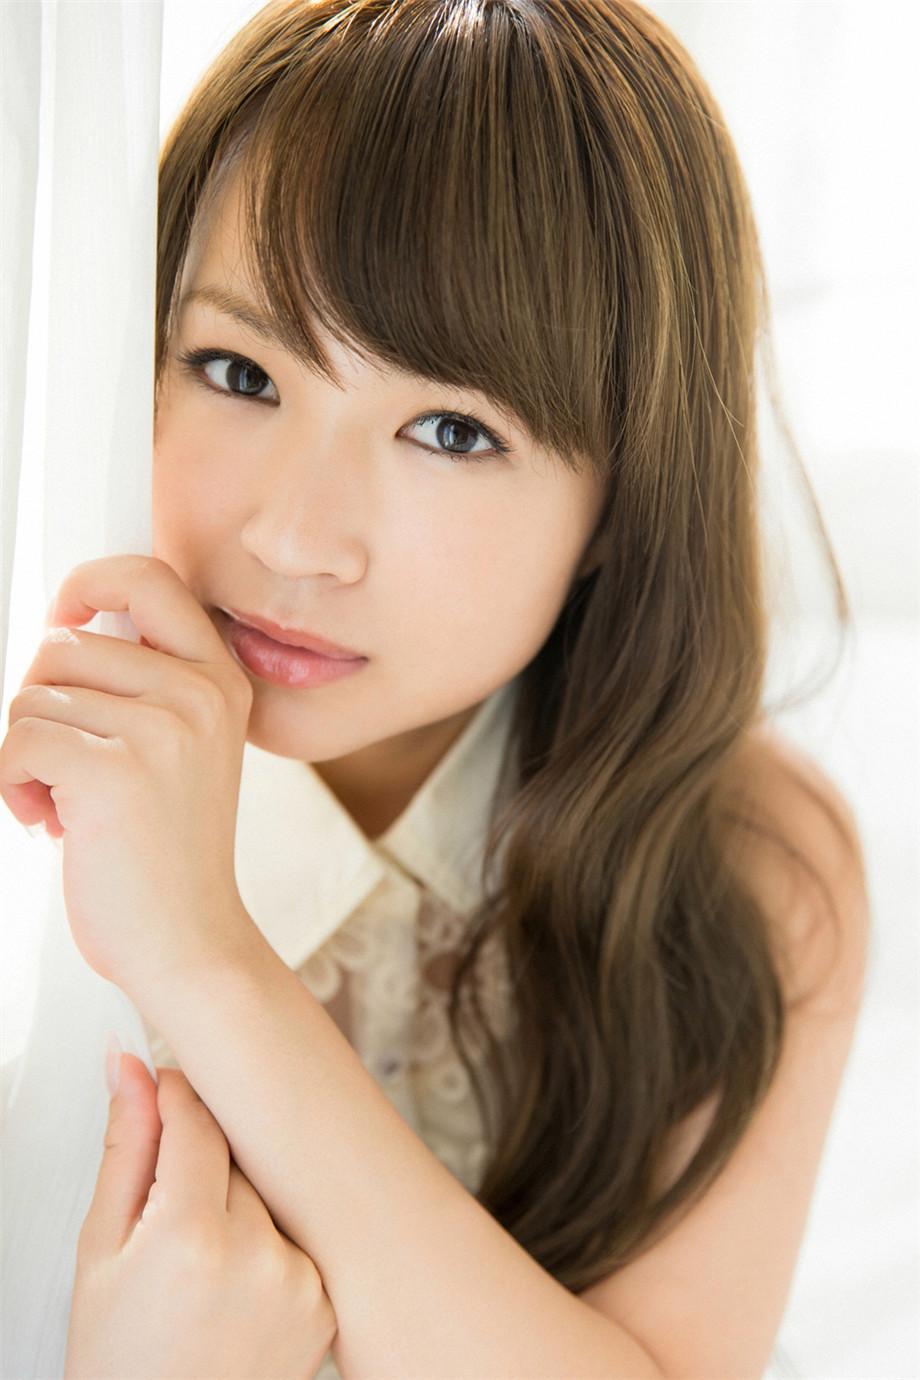 谷泽恵里香性感写真,日本女团的成熟美女